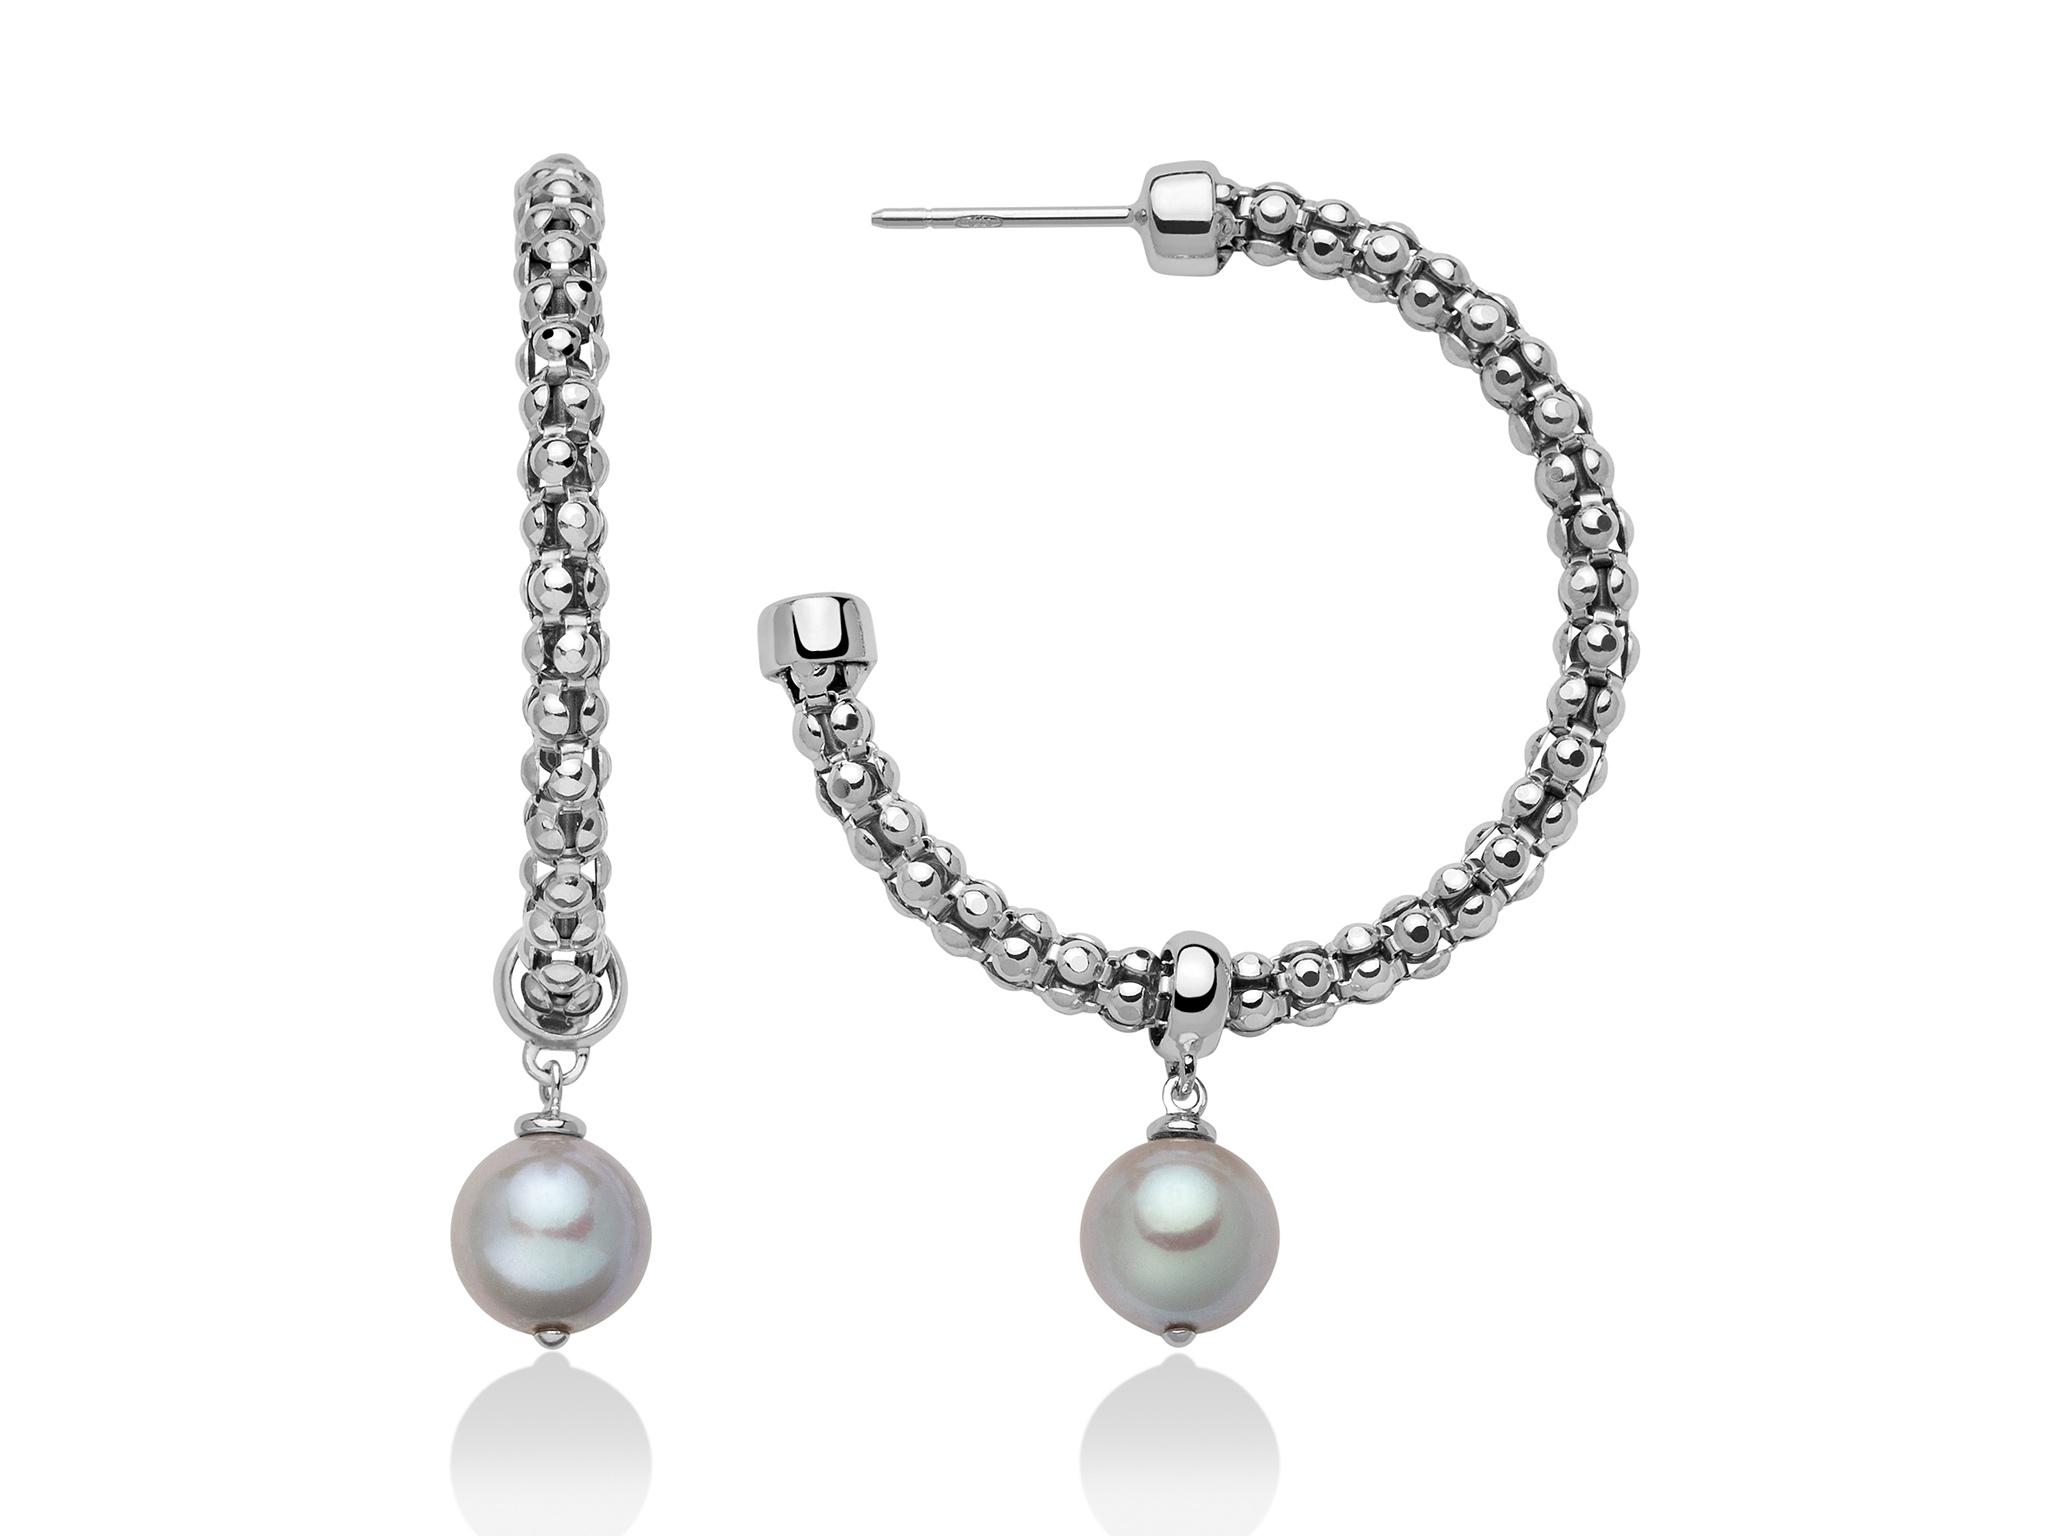 Orecchini a cerchio con maglia coreana in argento con perle. - PER2398